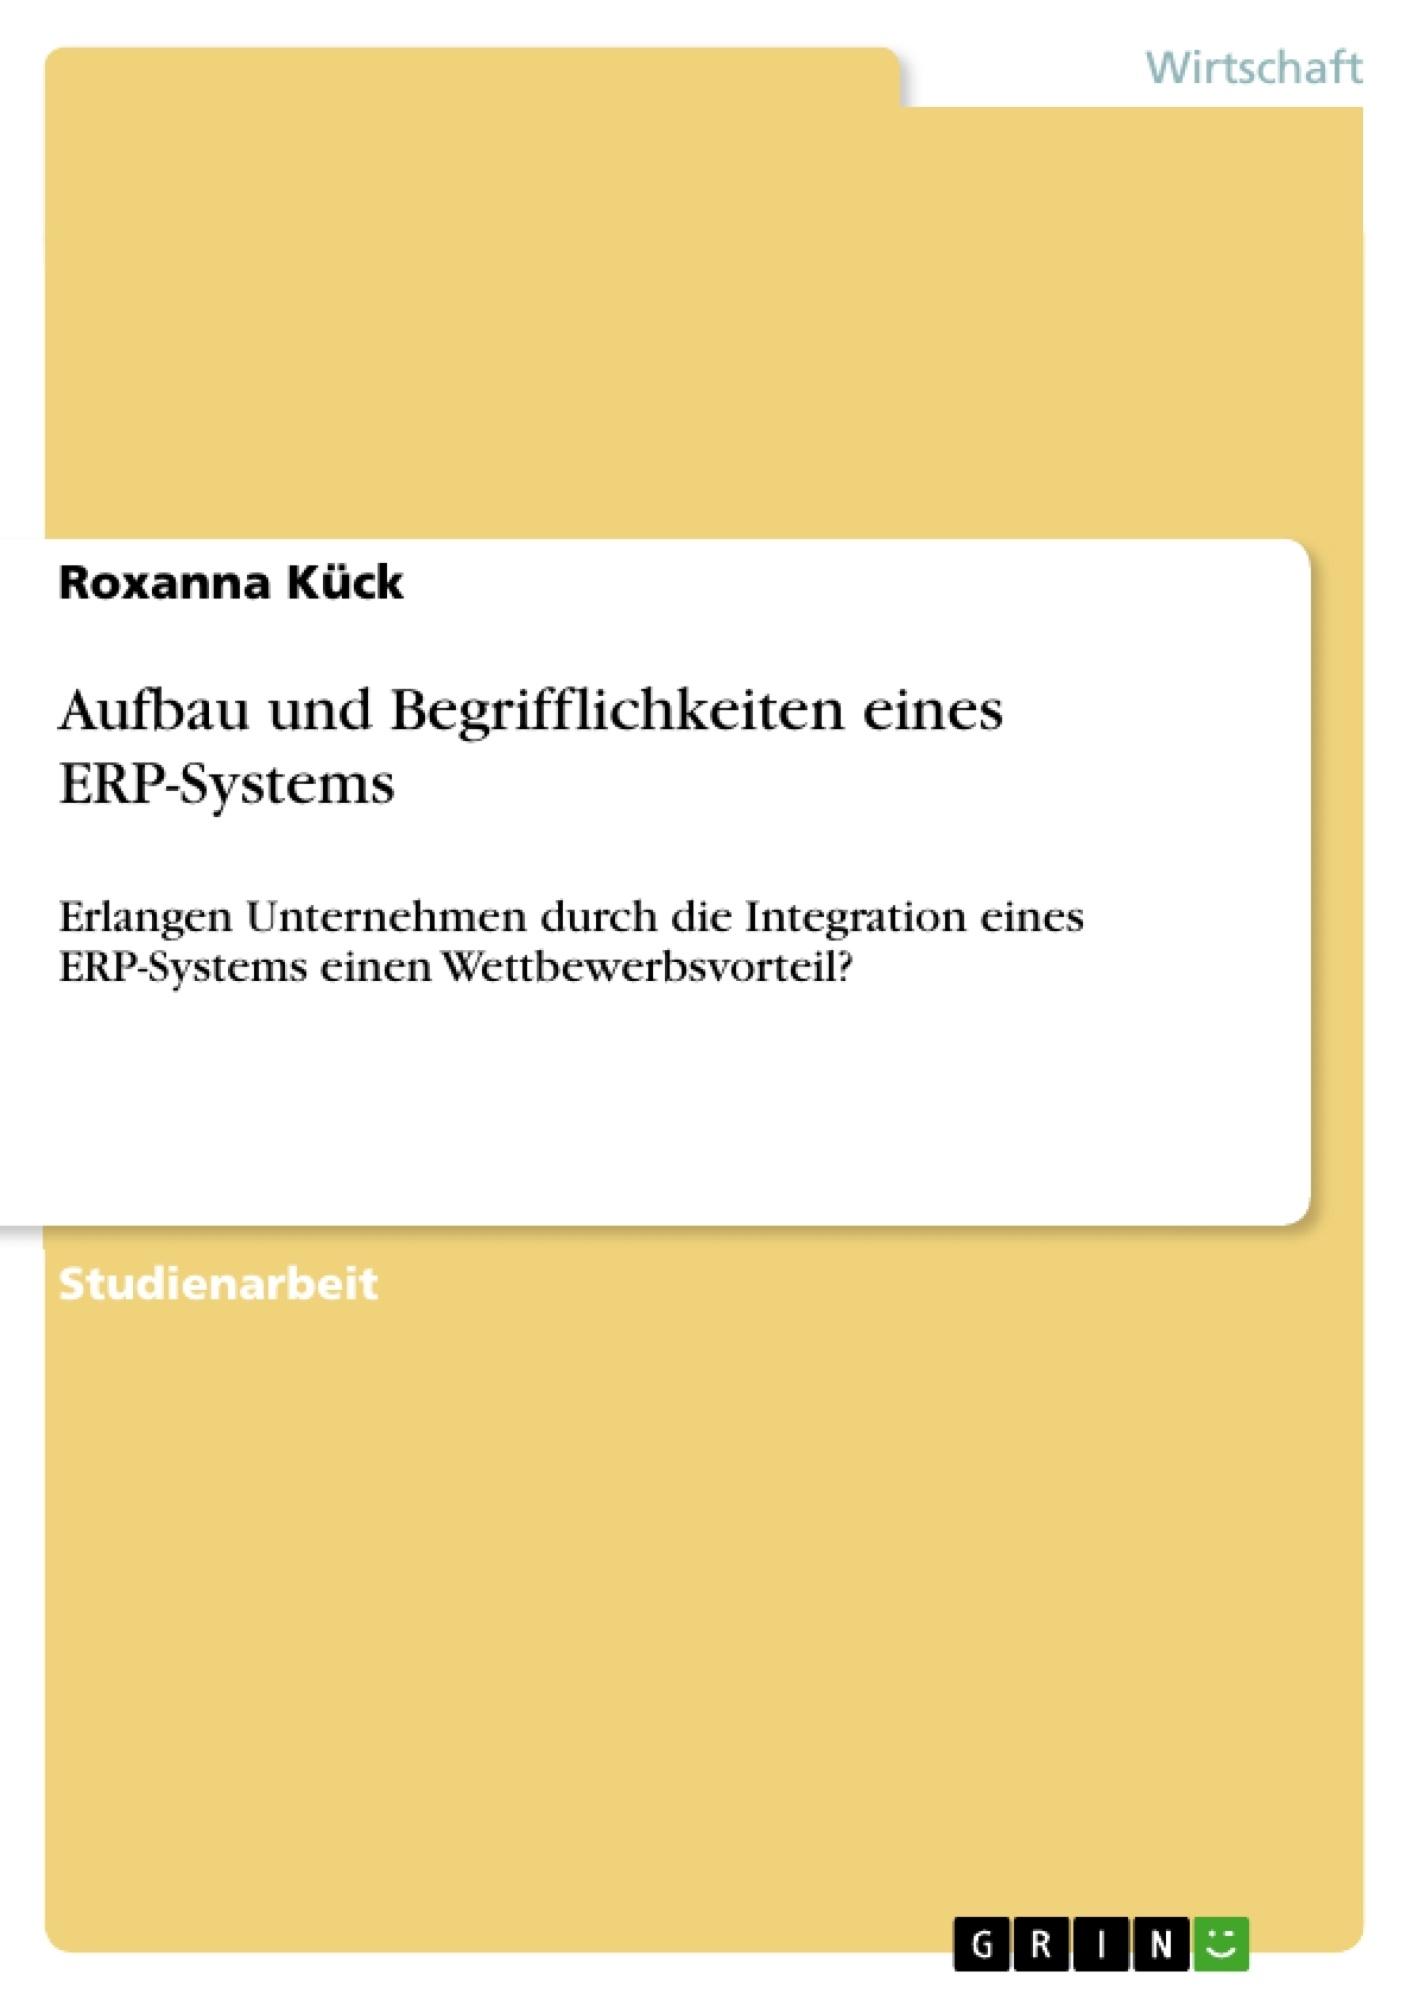 Titel: Aufbau und Begrifflichkeiten eines ERP-Systems